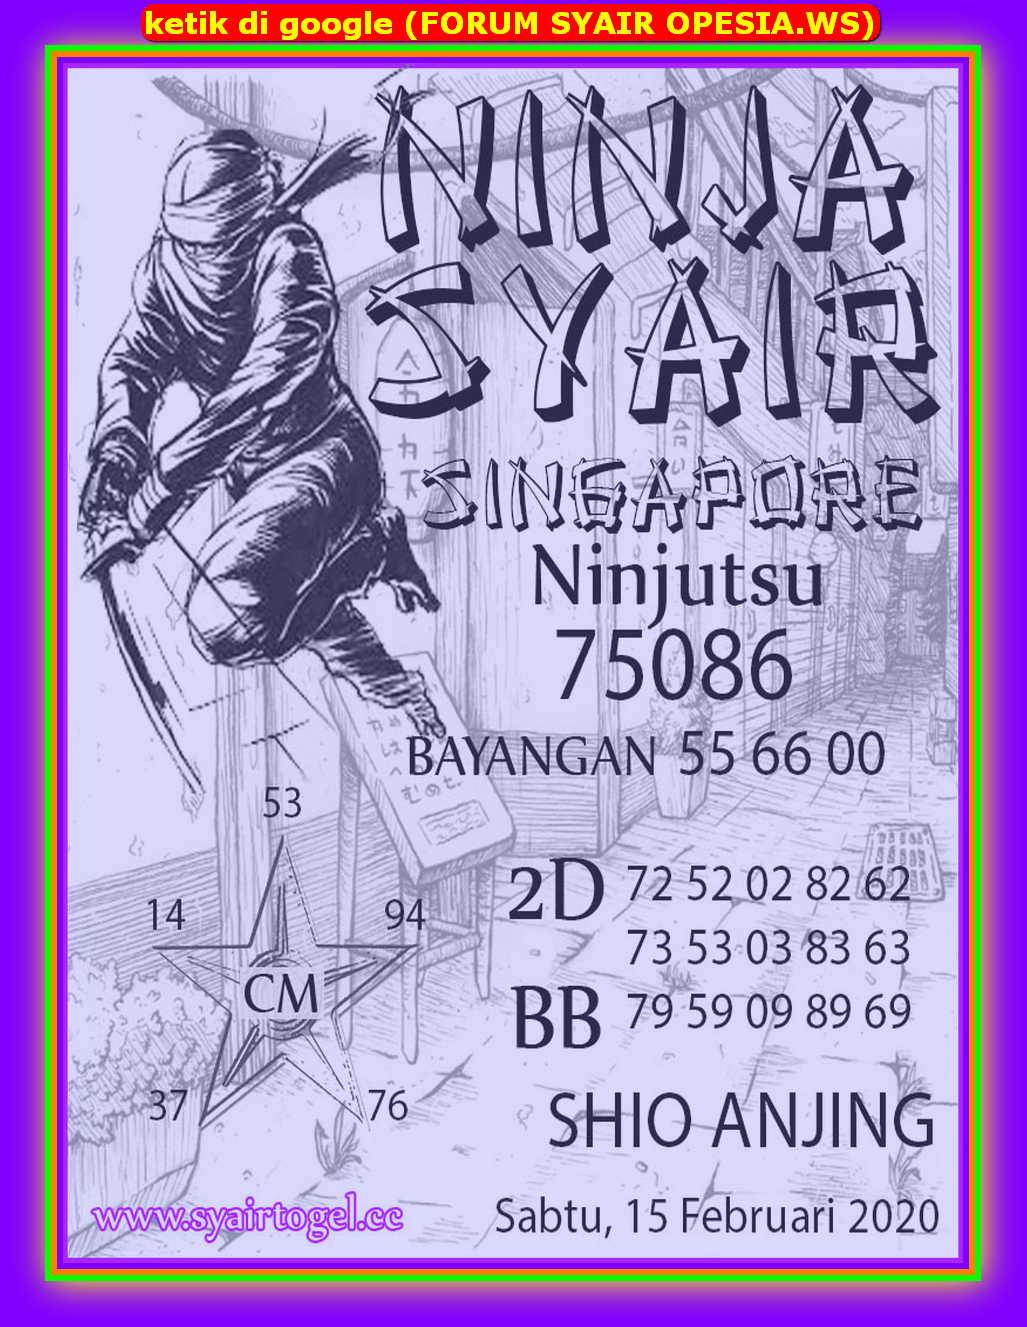 Kode syair Singapore Sabtu 15 Februari 2020 153